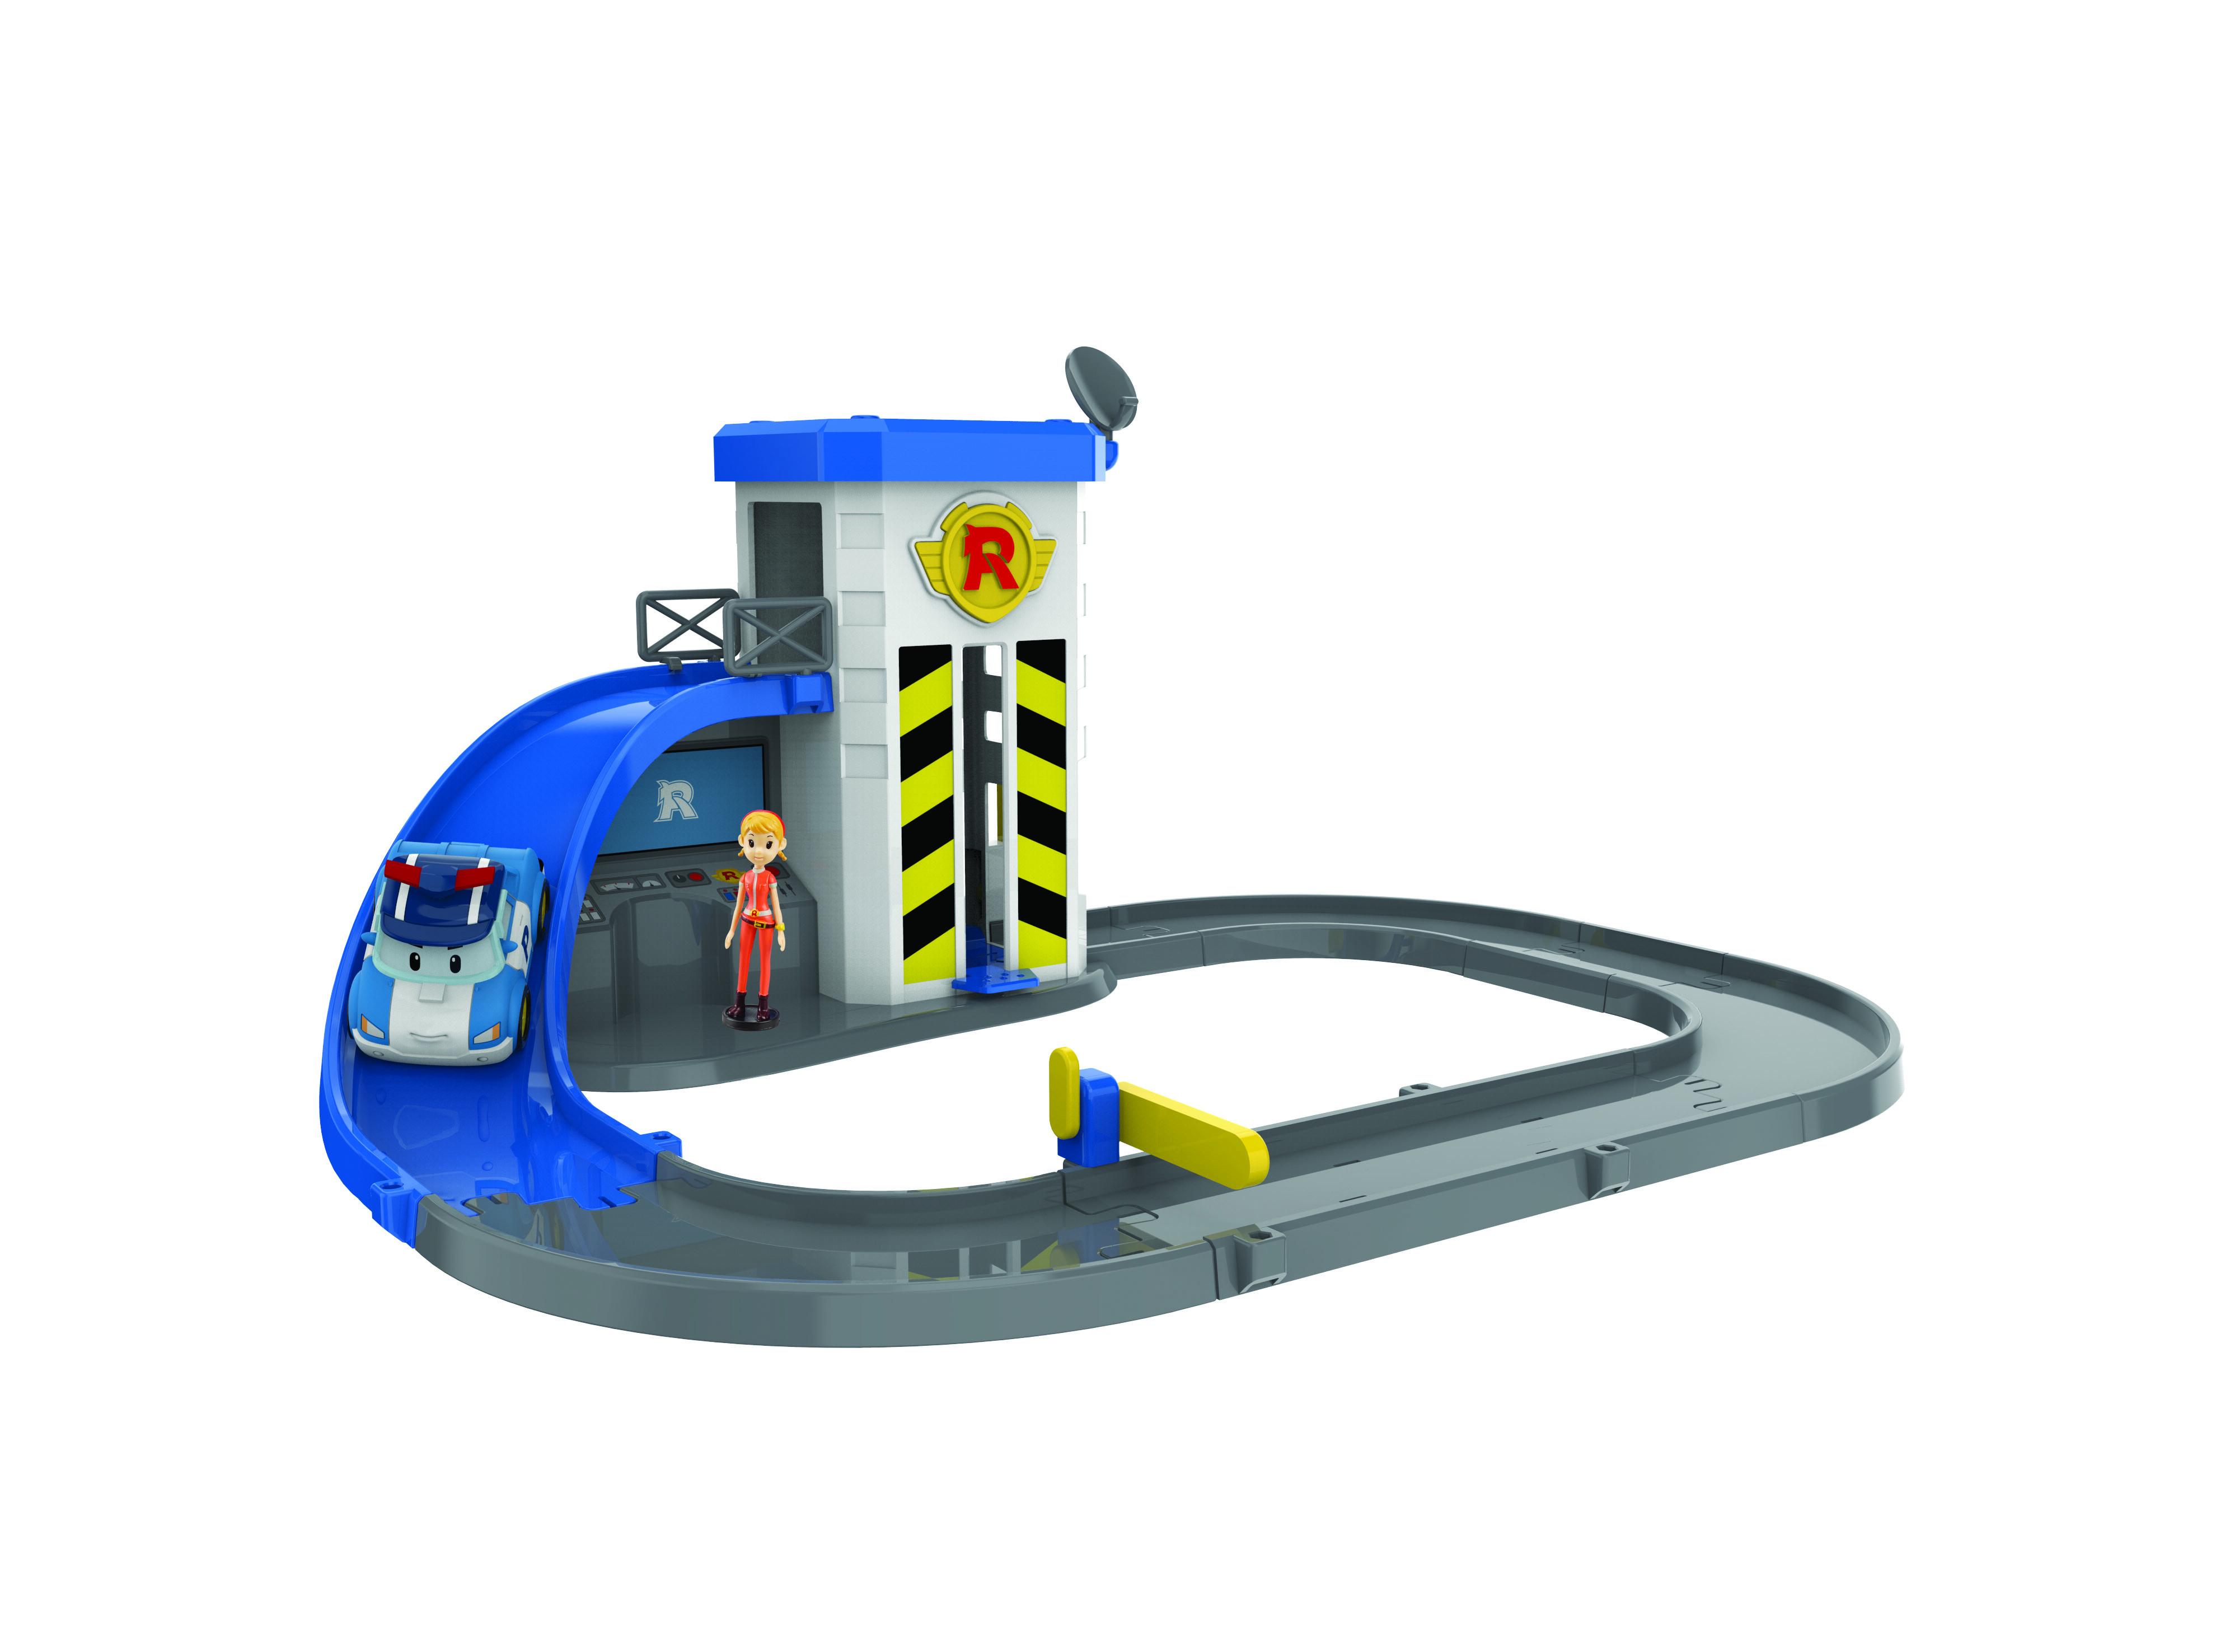 Игровой набор Poli Robocar Подъемник Поли игровой набор robocar poli подъемник с металлической машинкой поли и фигуркой джин